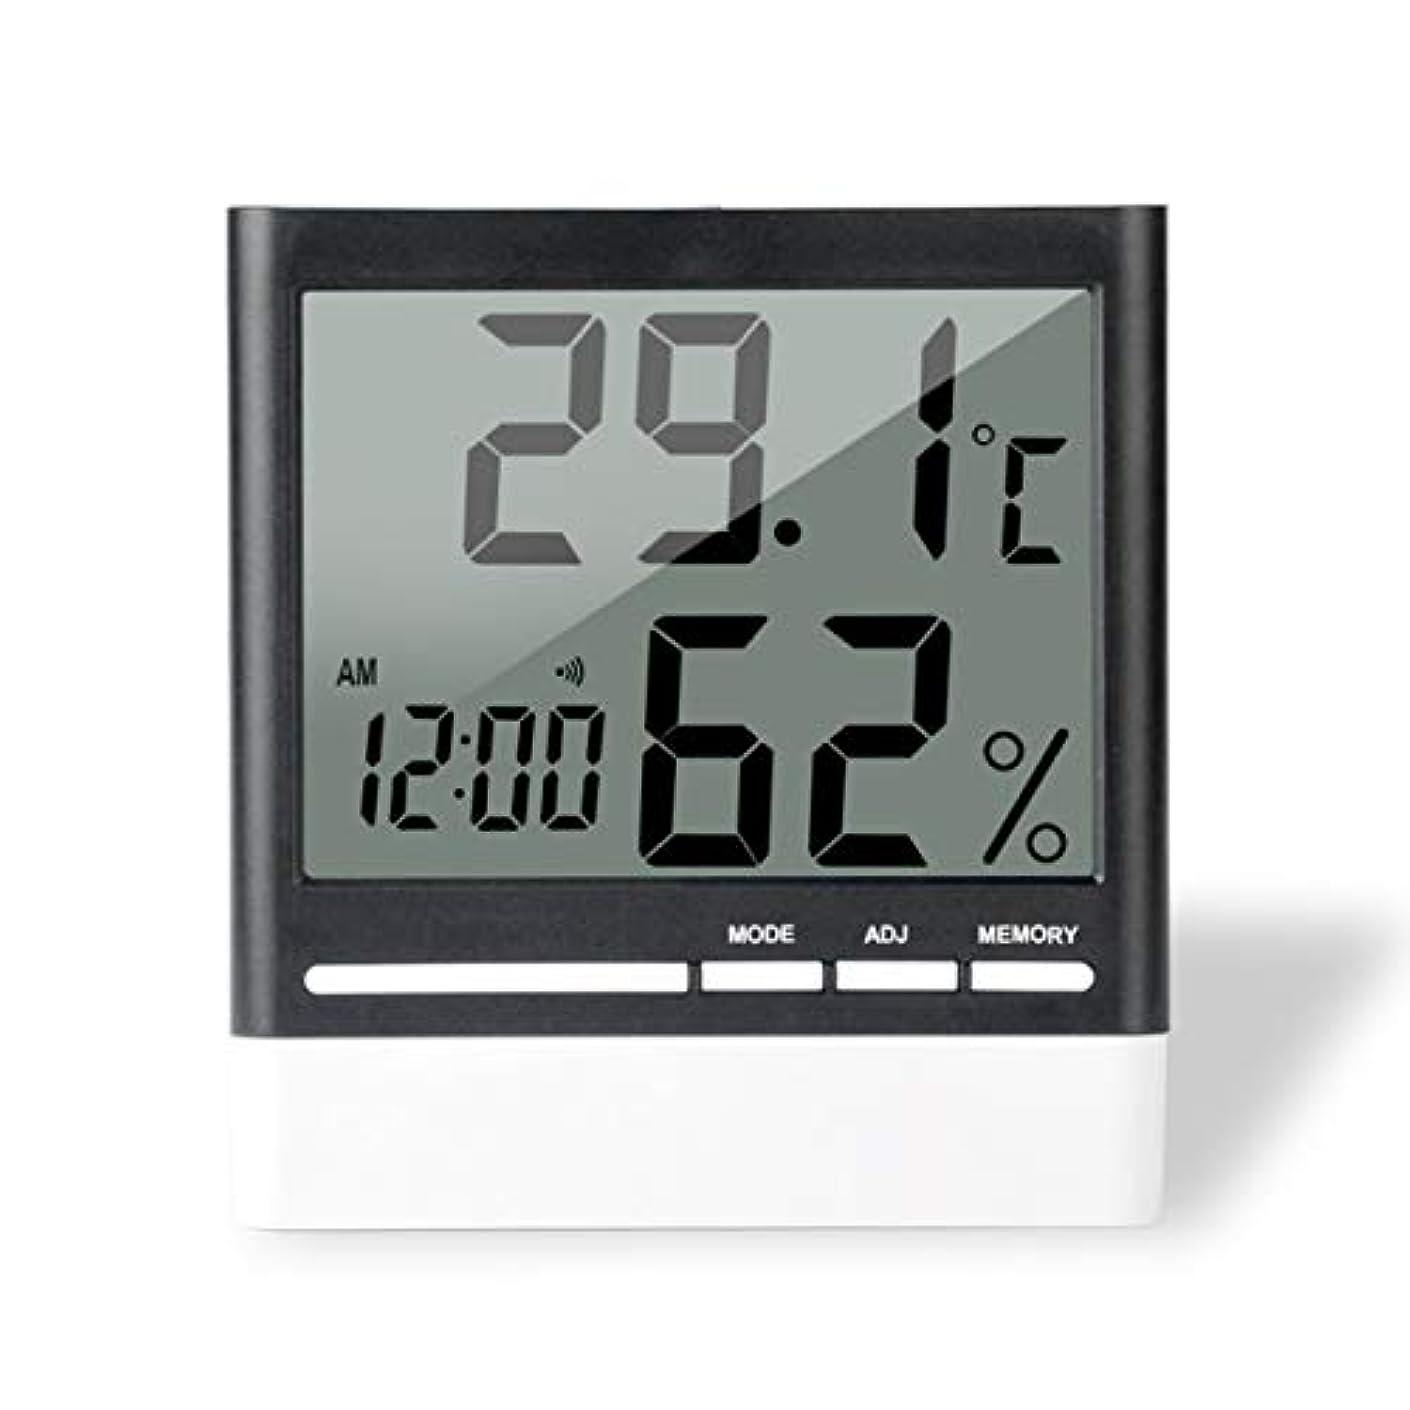 偶然銃貫入Saikogoods 電子体温計湿度計 デジタルディスプレイ 温度湿度モニター アラーム時計 屋内家庭用 ブラック